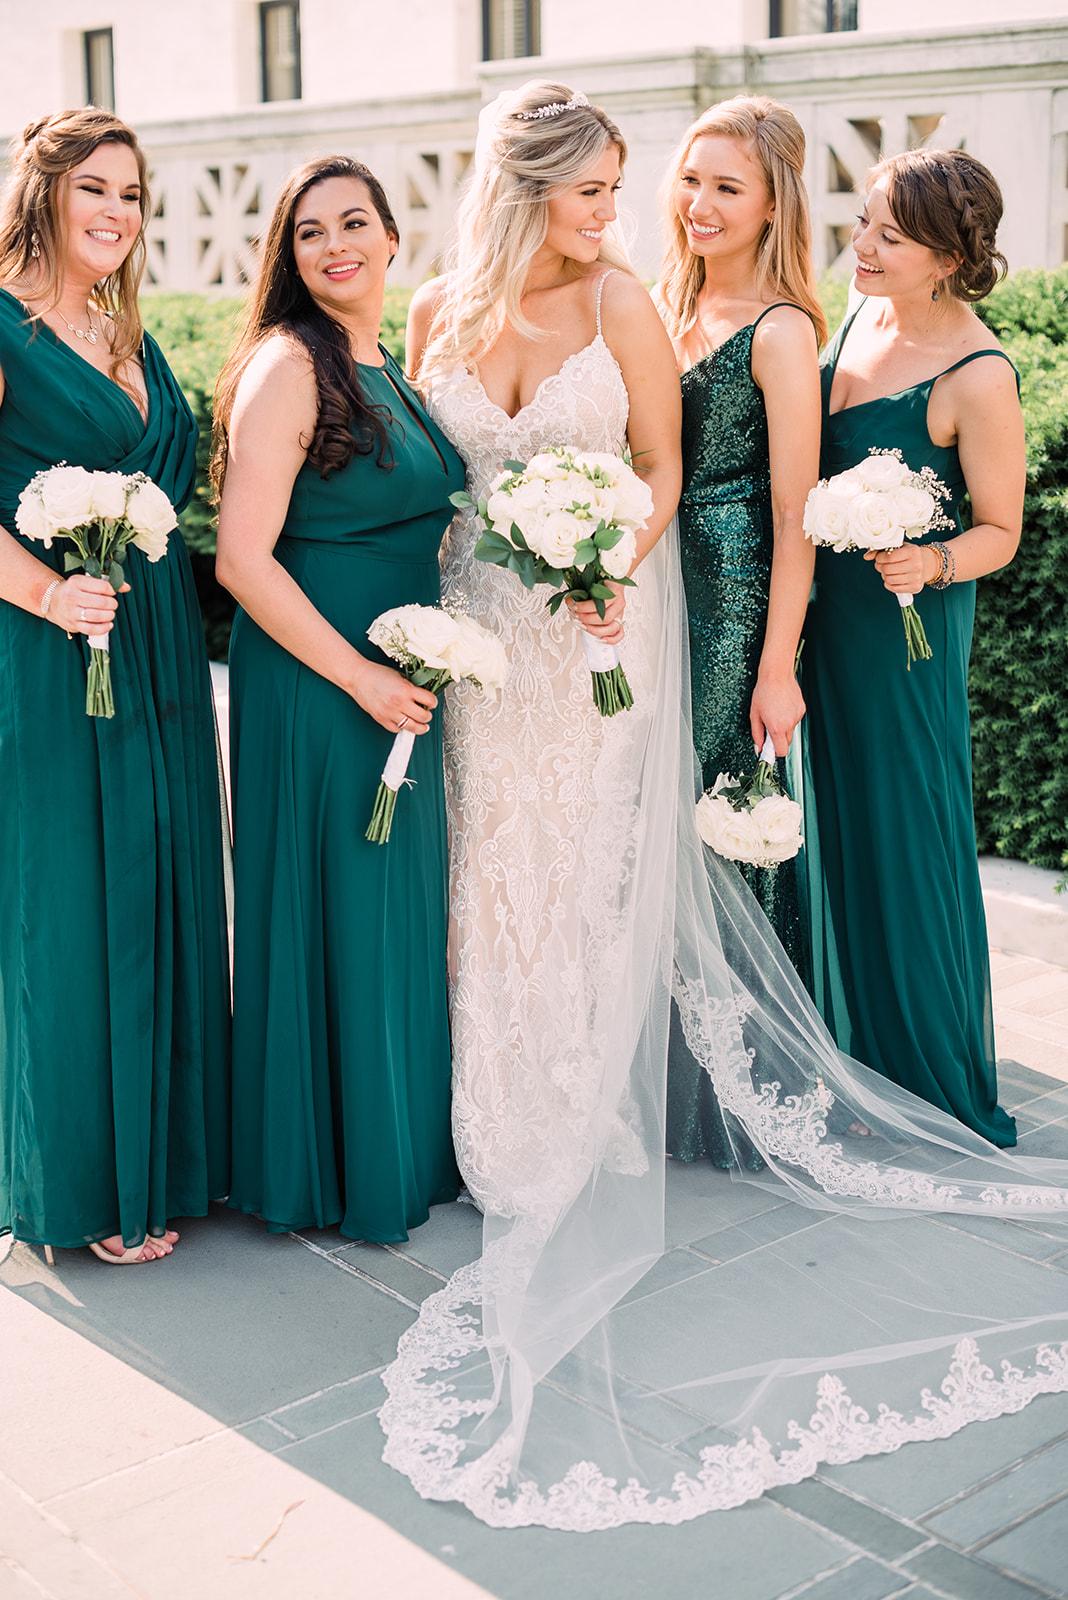 Coffman_Wedding-9025.jpg